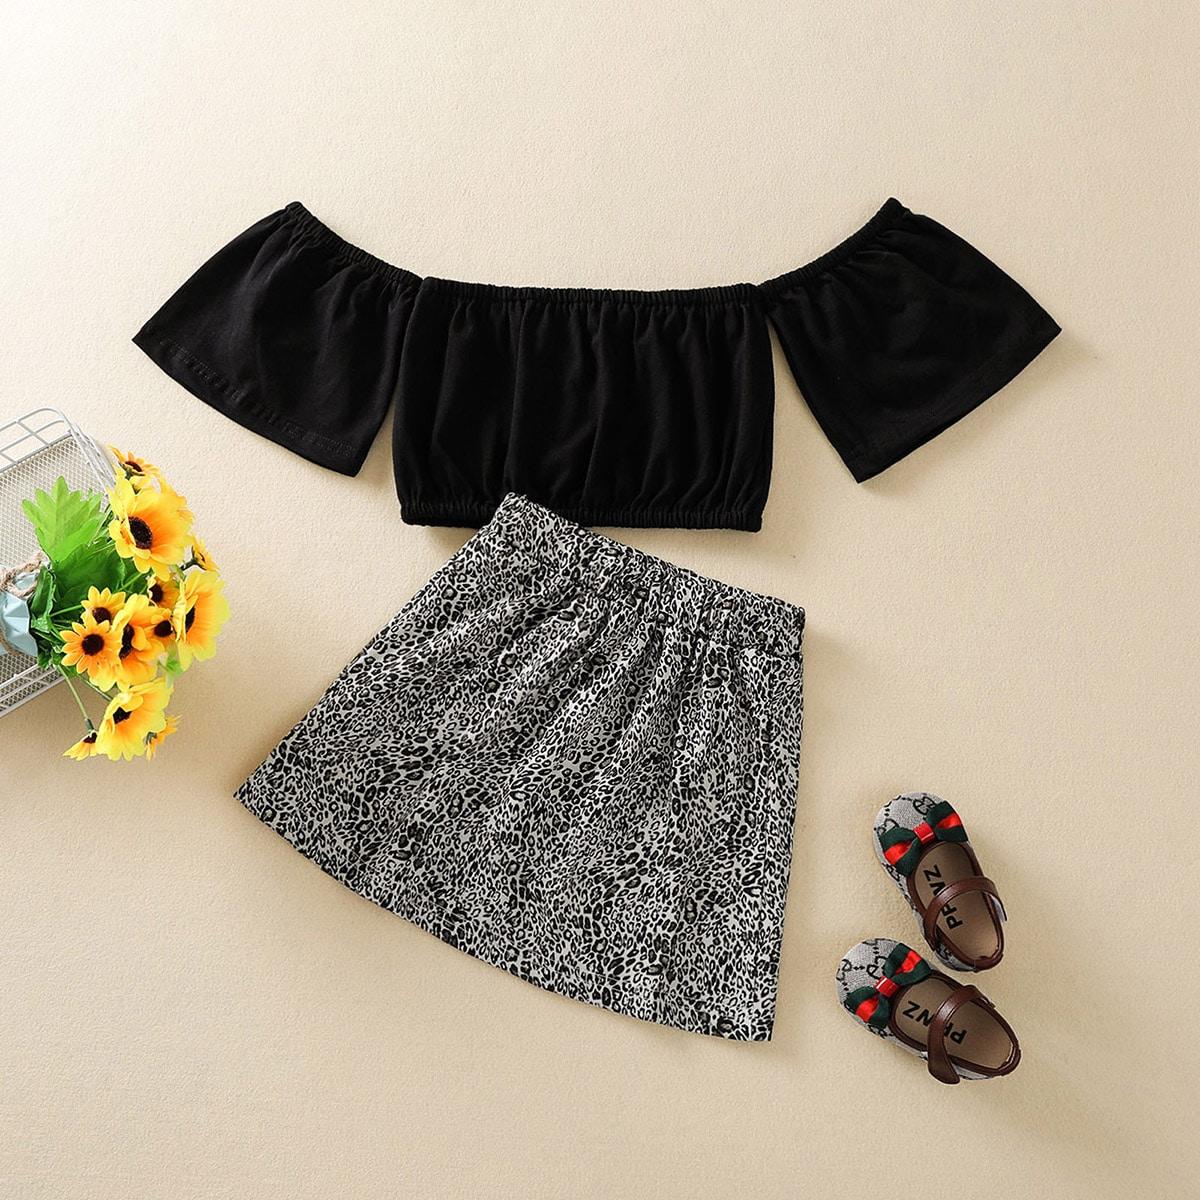 Toddler Girls Bardot Top & Cheetah Print Skirt